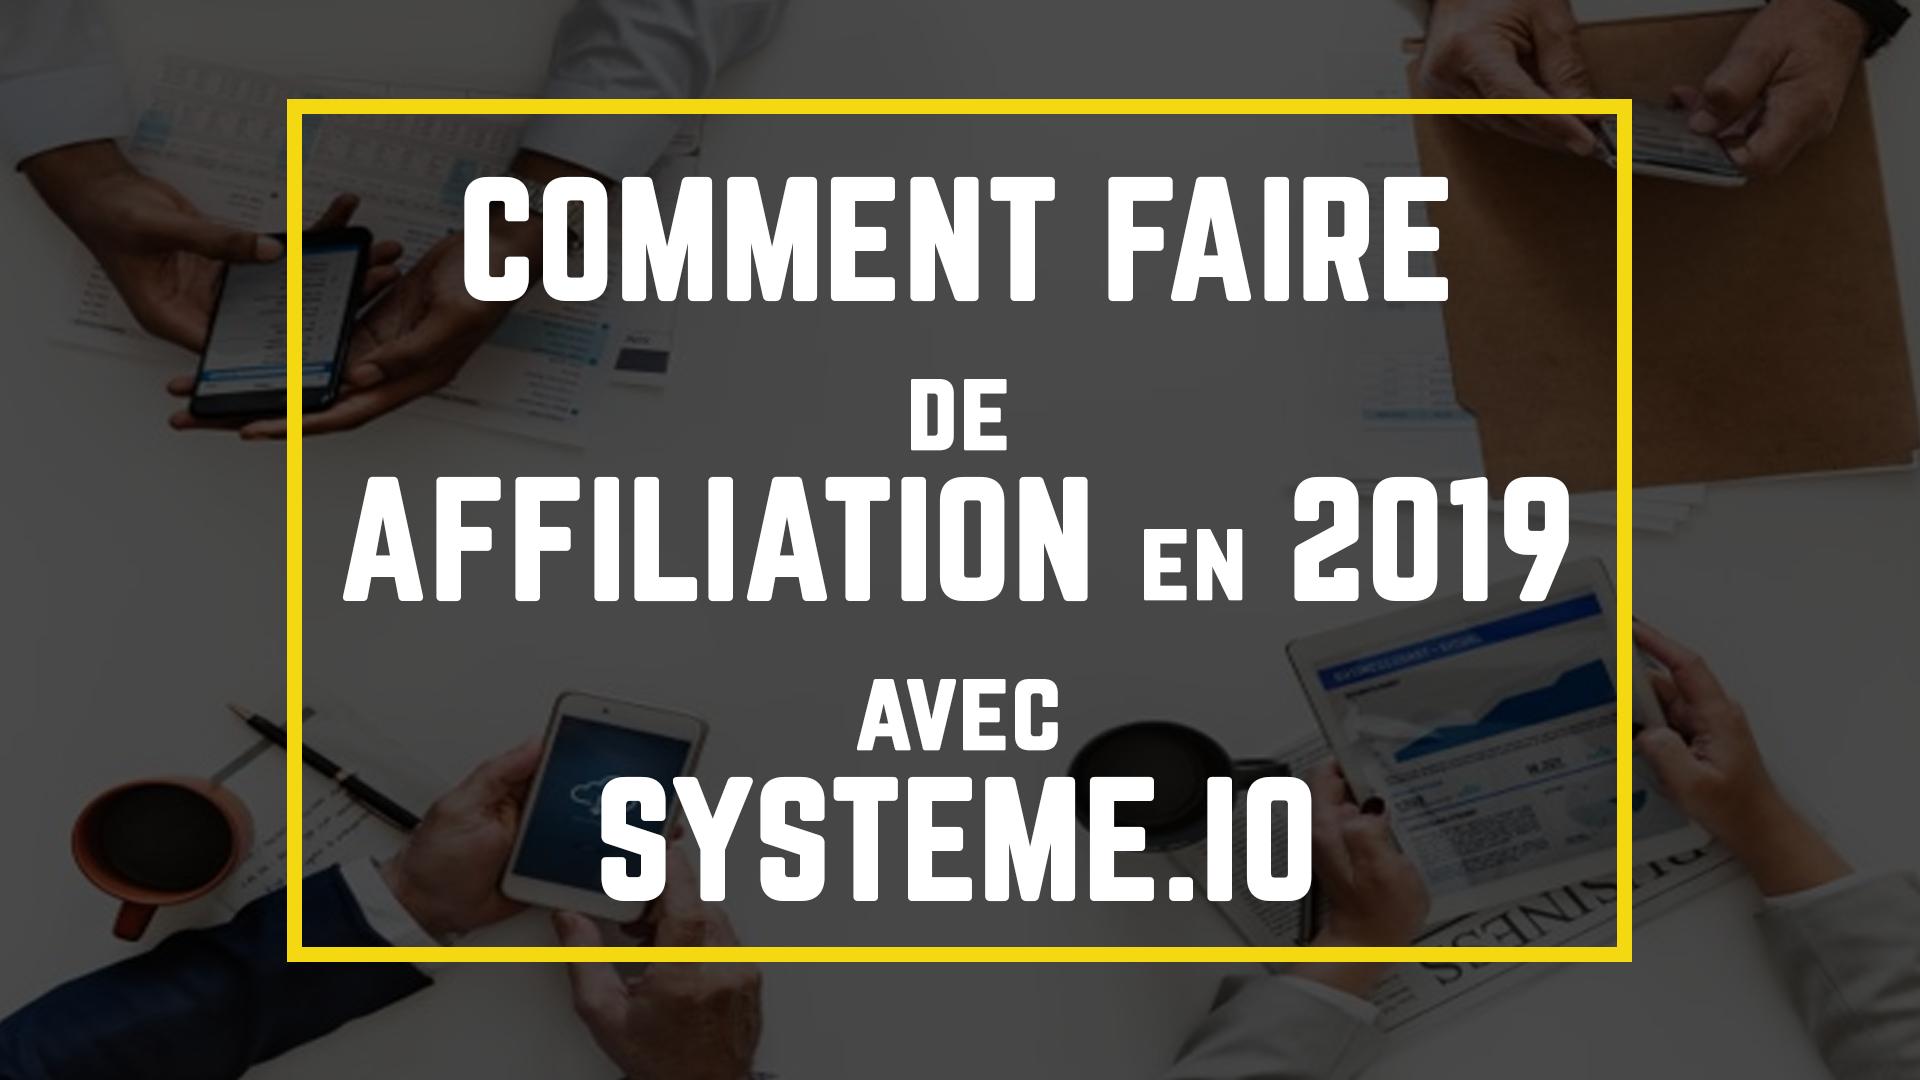 comment-faire-de-l'affiliation-avec-systeme.io-en-2019